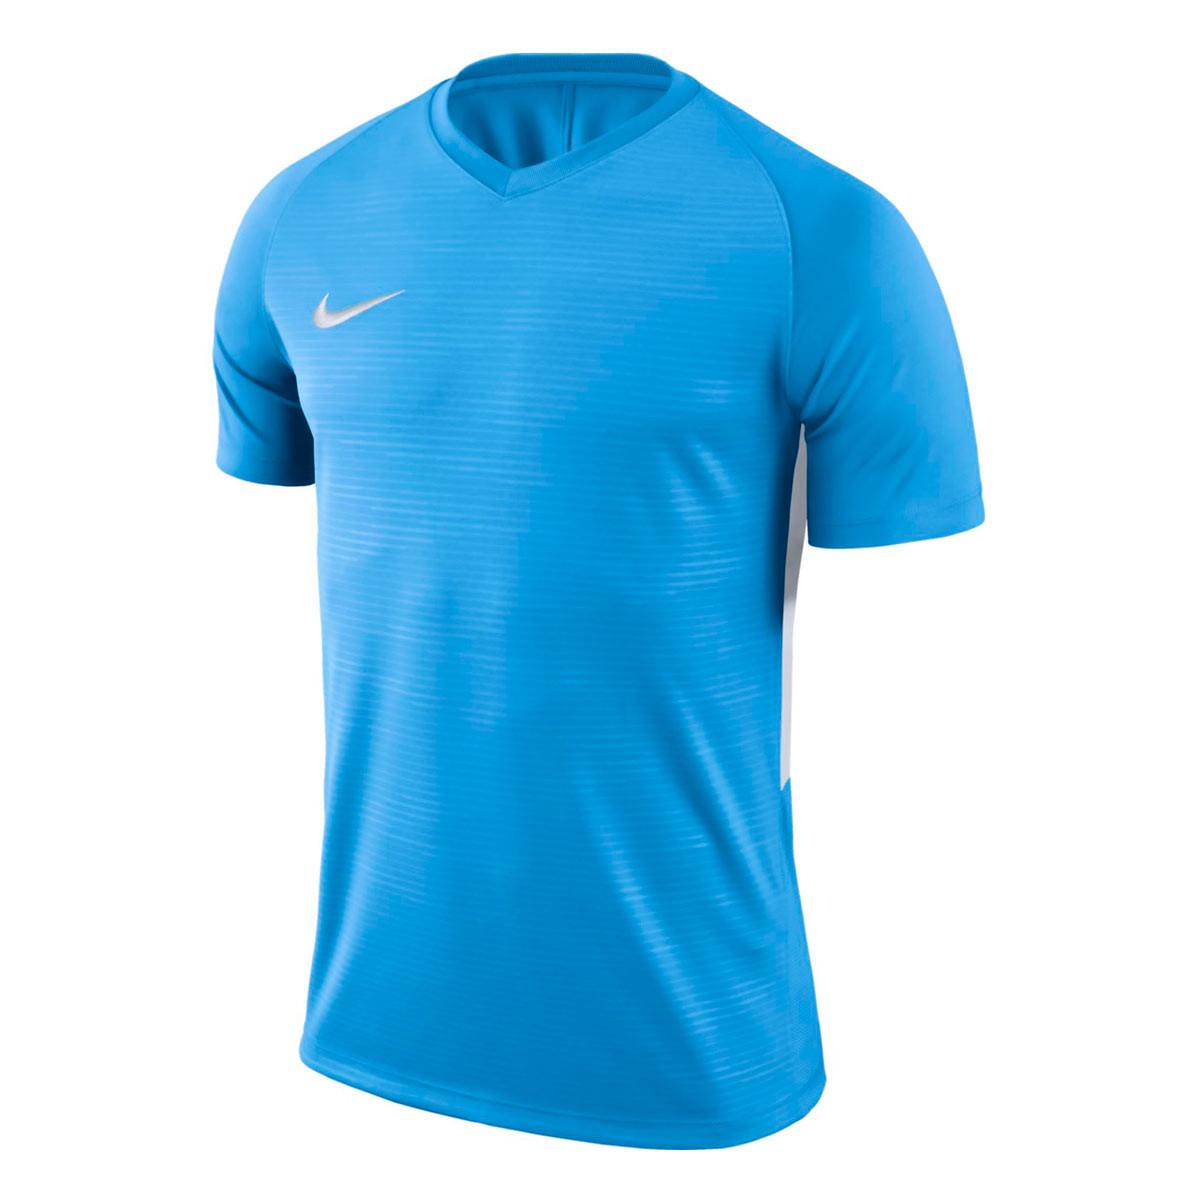 Maillot Nike Tiempo Premier mc Niño